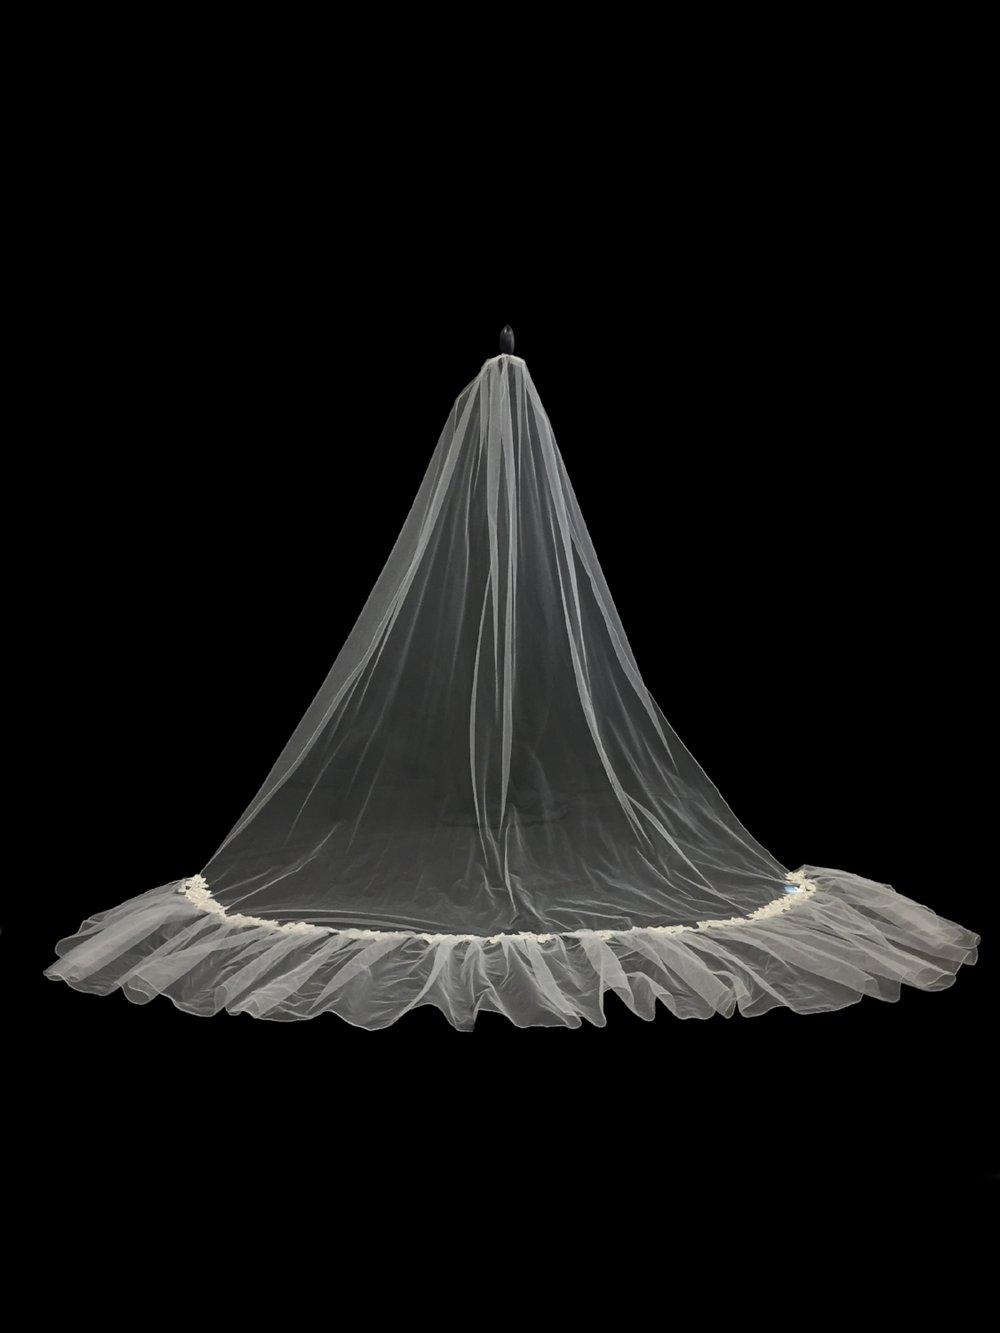 V5682-DI _ 90x72 / 20x200 Appliqué Veil